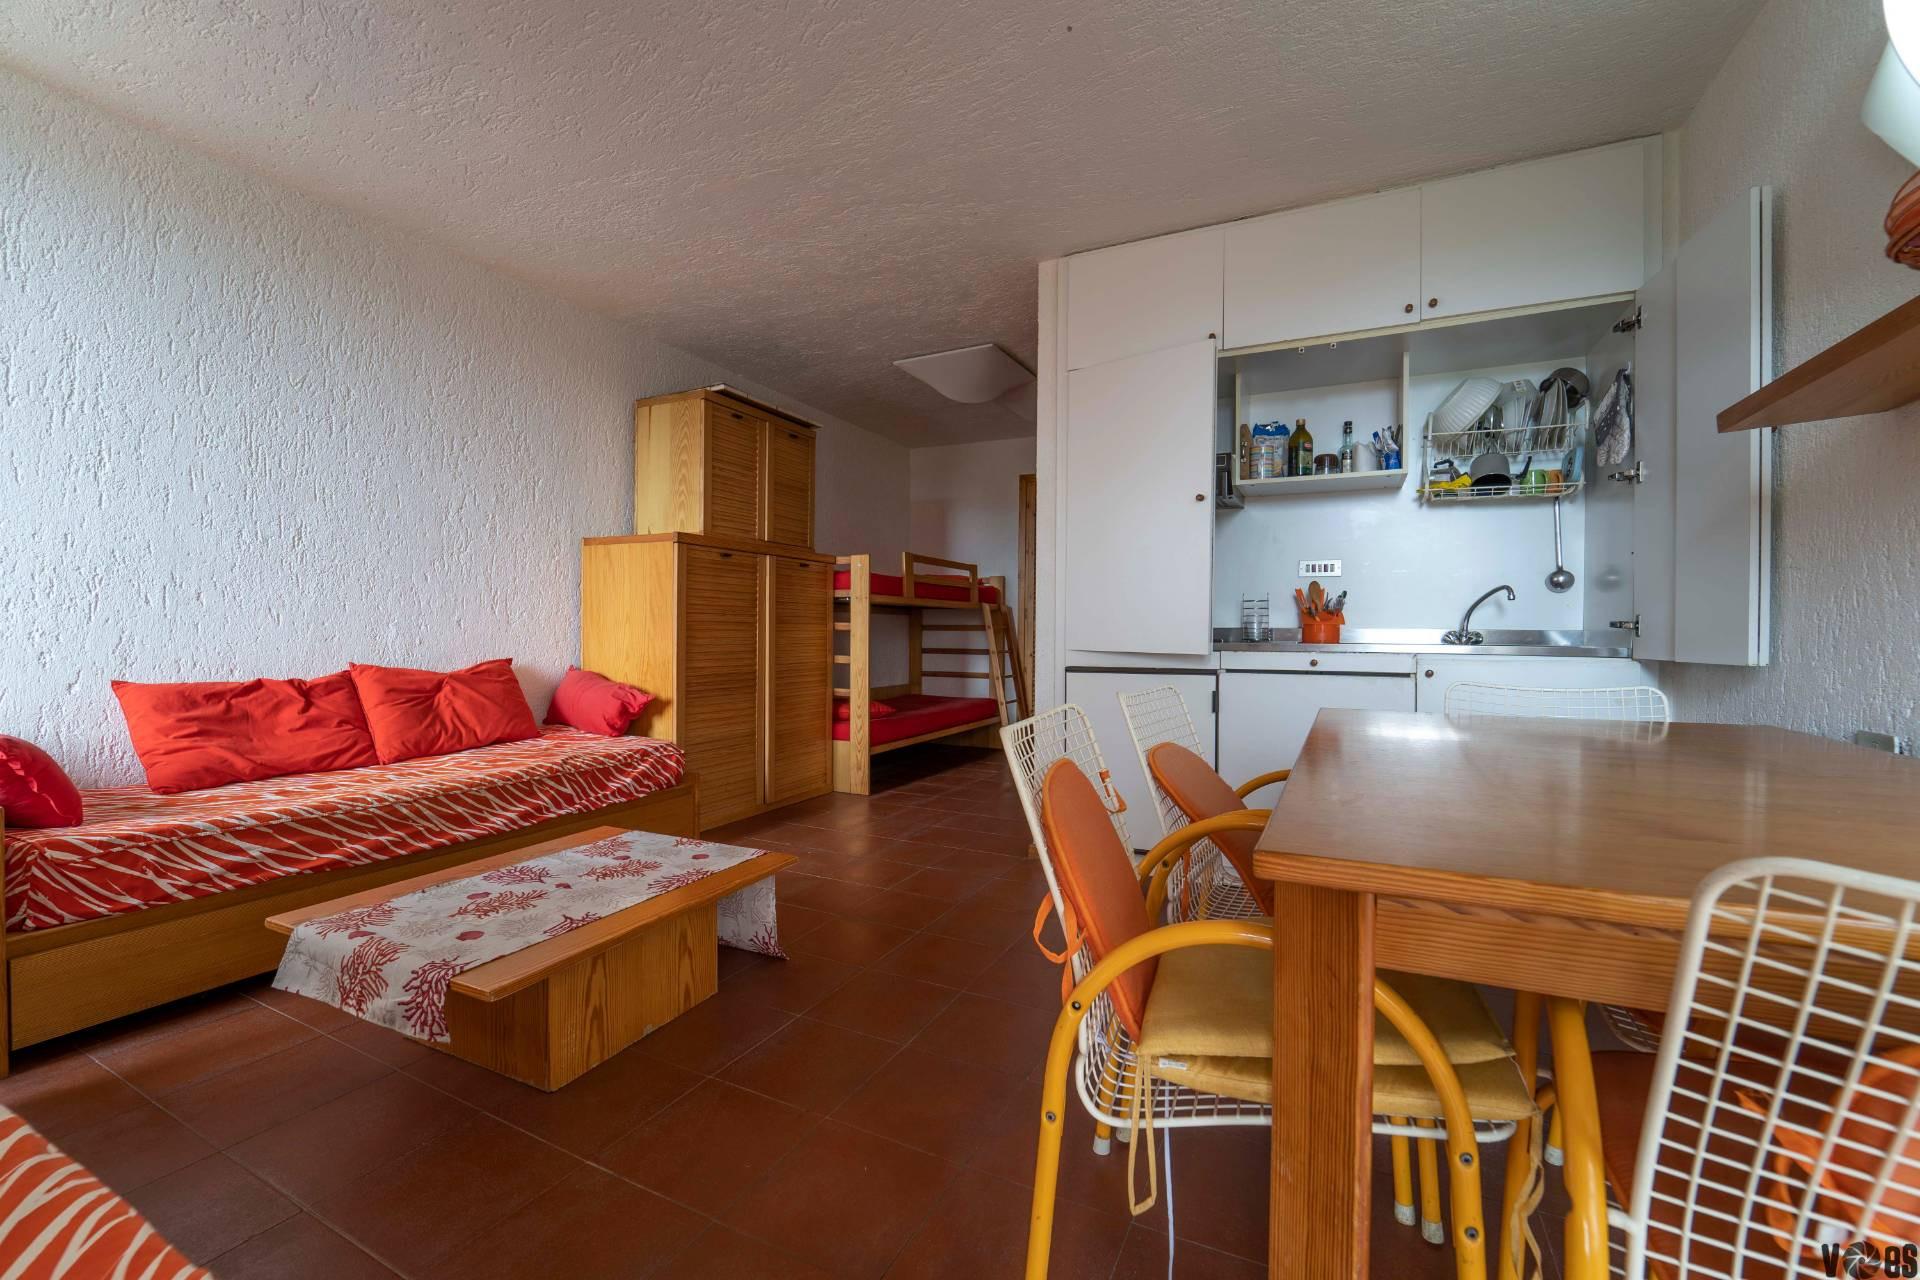 Appartamento in vendita a Olbia - Porto Rotondo, 1 locali, zona Località: Cugnana, prezzo € 60.000   PortaleAgenzieImmobiliari.it